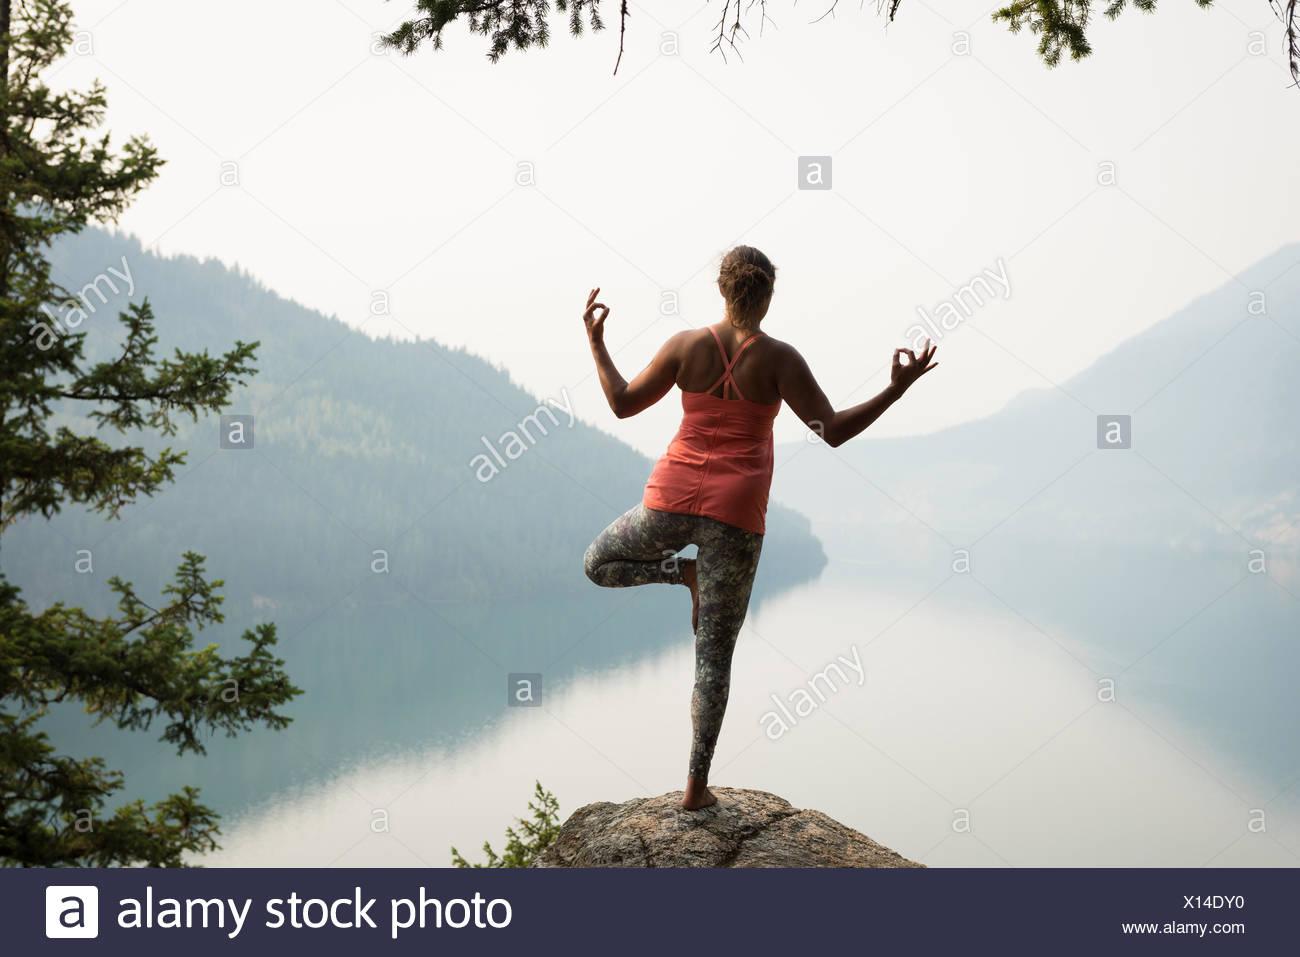 Fit woman en équilibre sur une jambe sur le bord d'un rocher Photo Stock